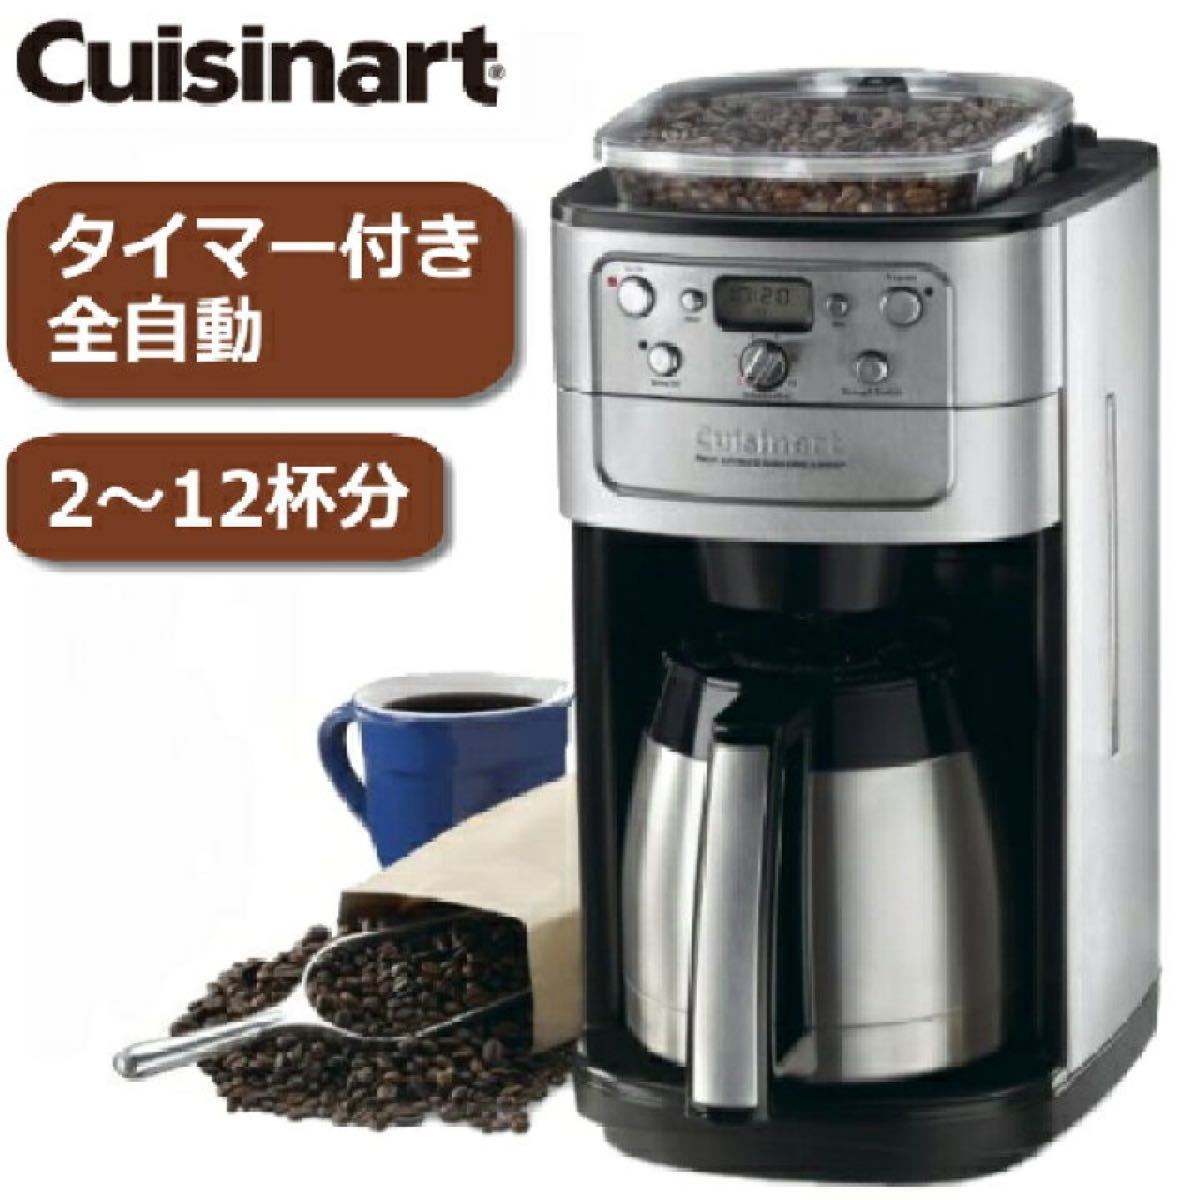 Cuisinart クイジナート コーヒーメーカー 全自動コーヒーメーカー ブリュー